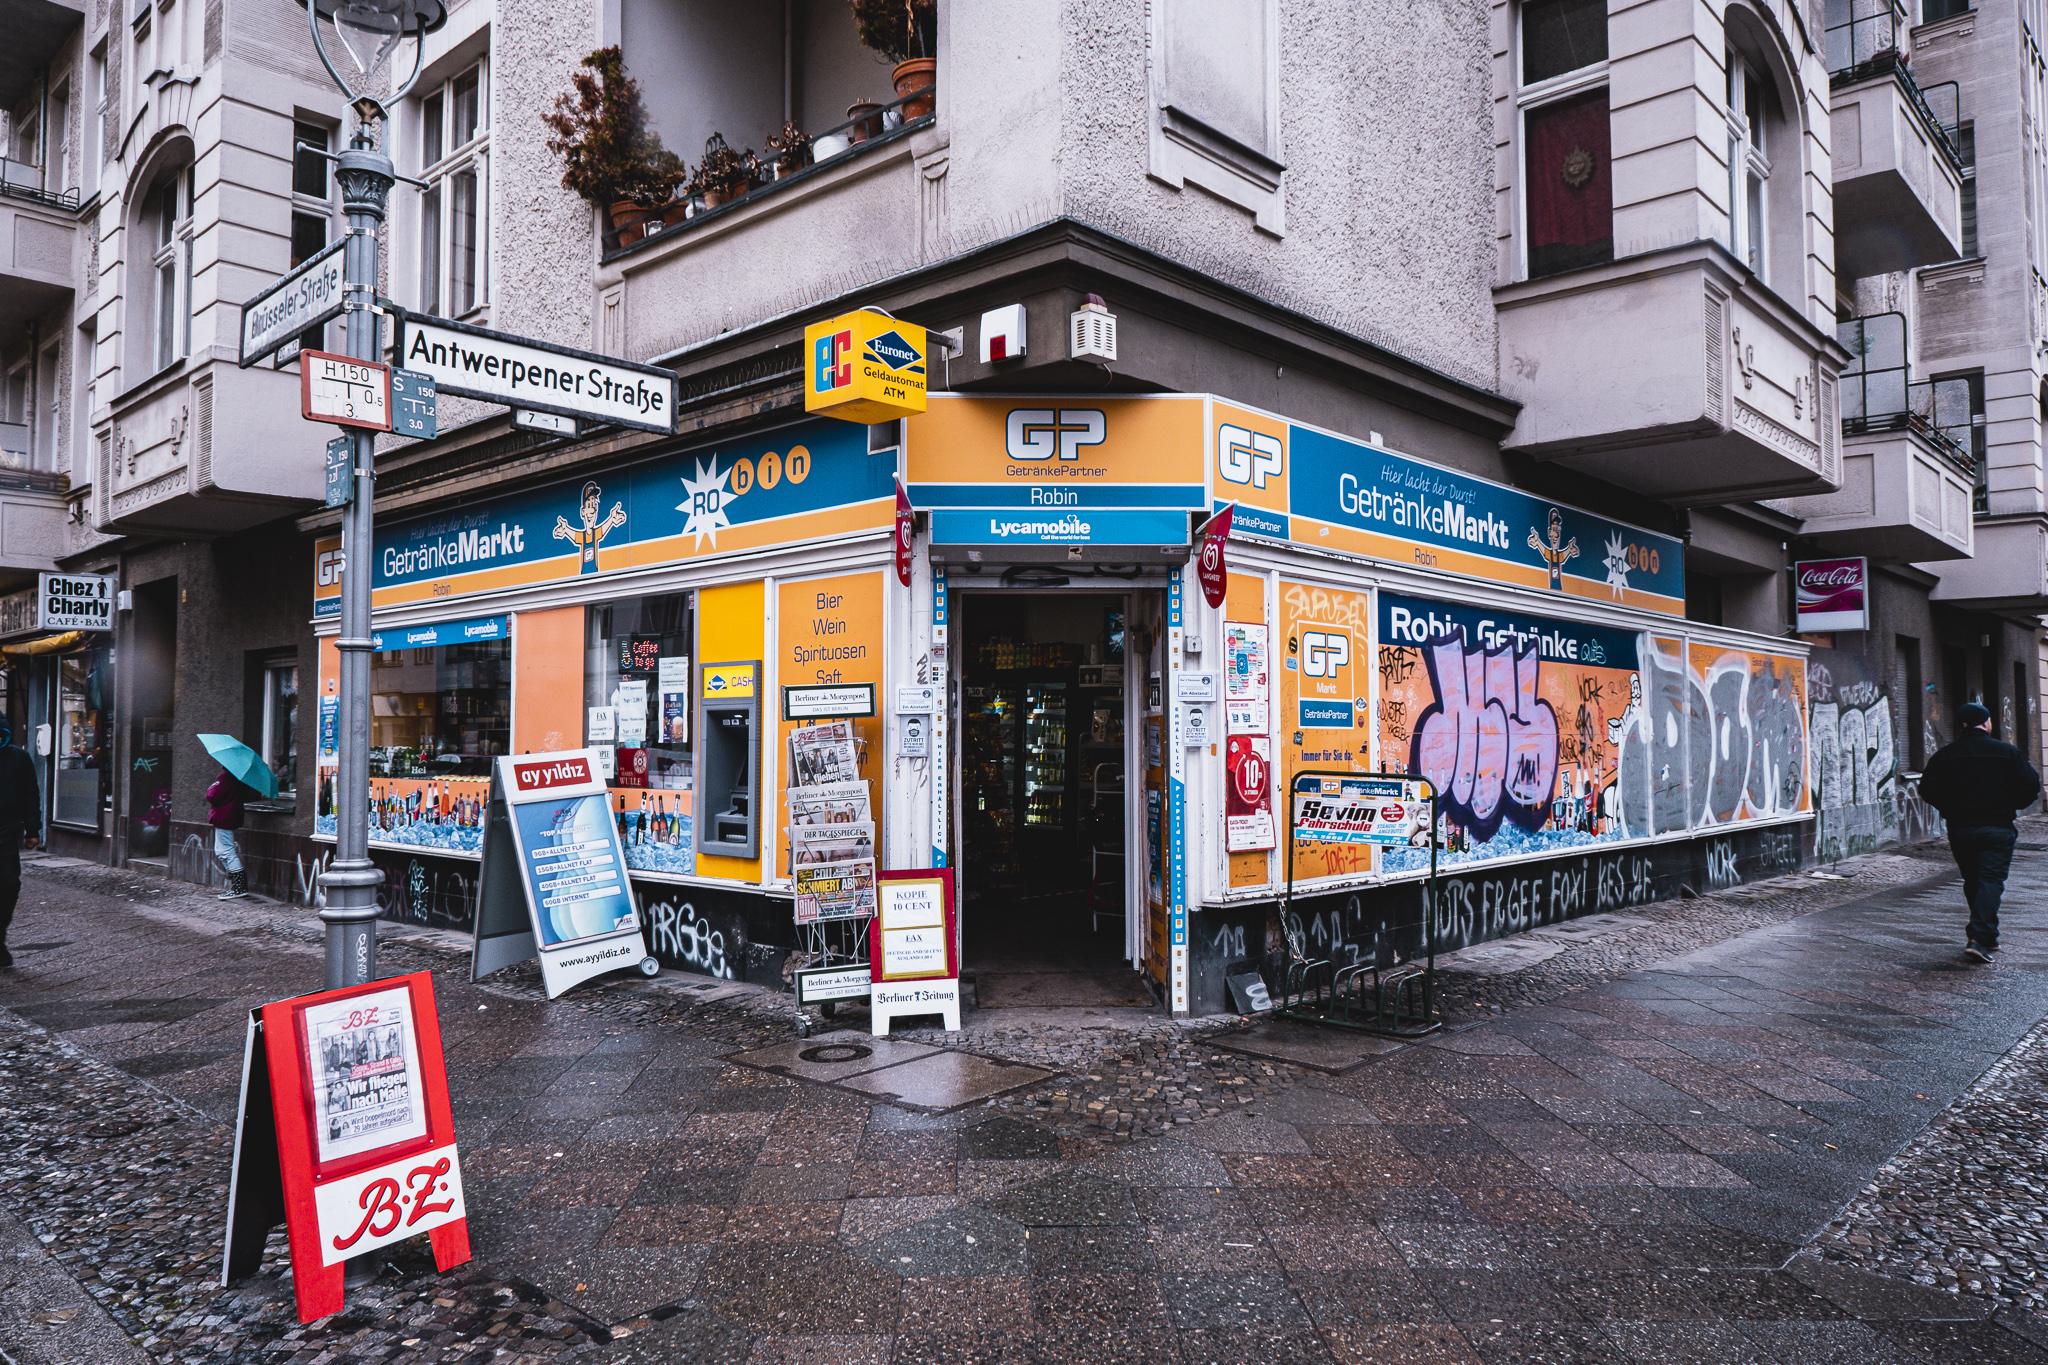 Späti's in Berlijn – Van een Ost-fenomeen naar Berlijns erfgoed